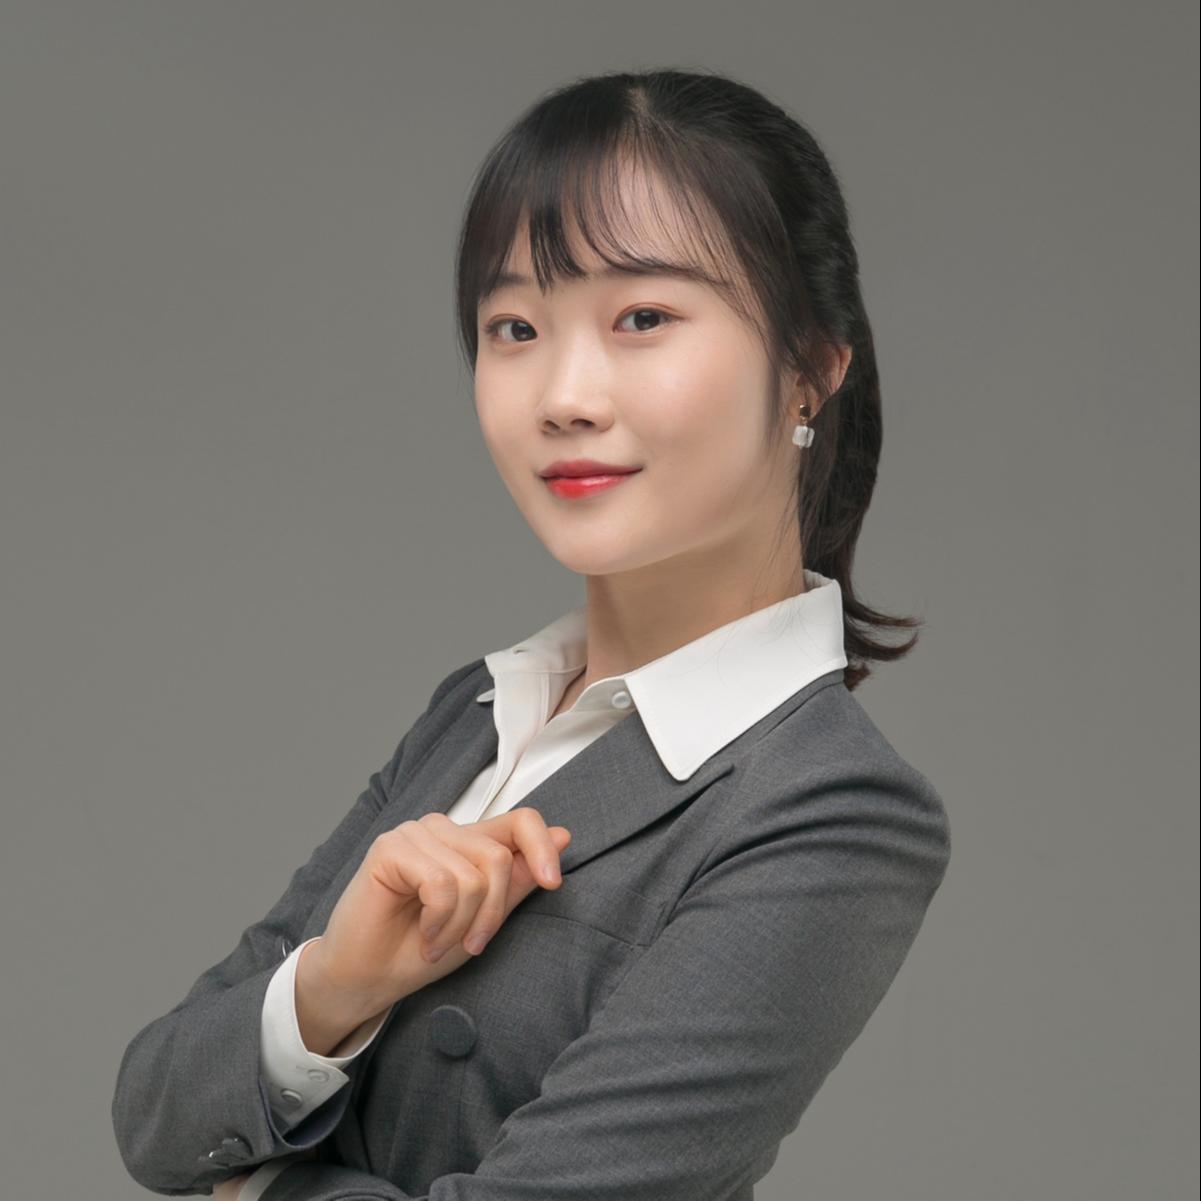 Bogyoung Kim